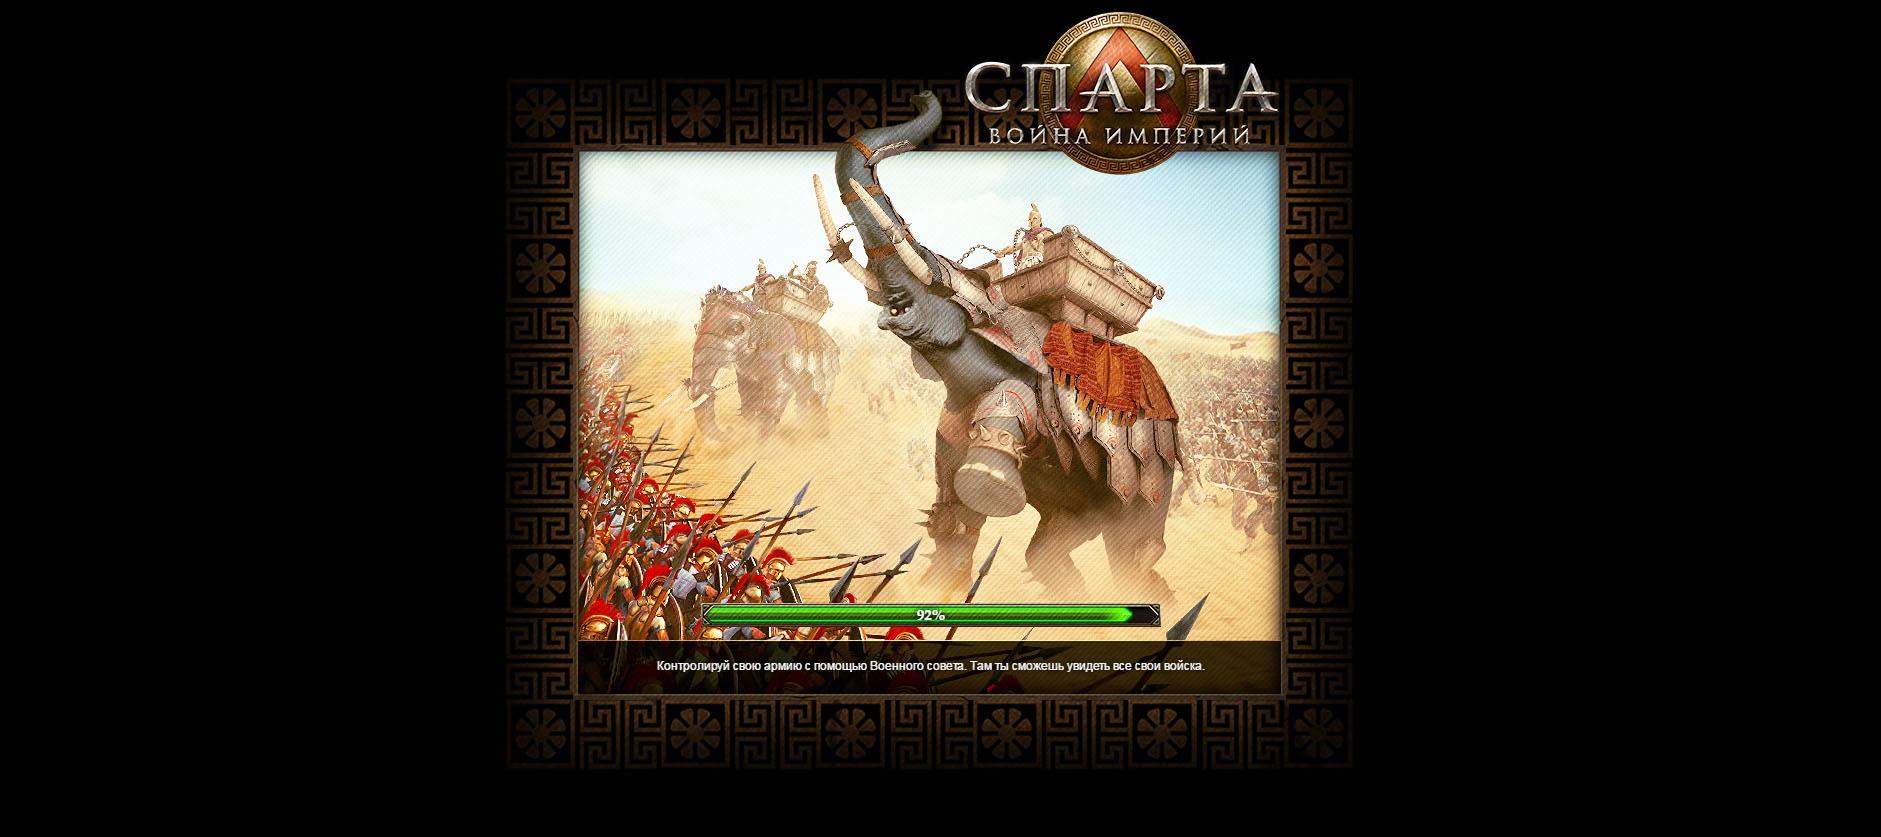 sparta-vojna-imperij-obzor-pic-1